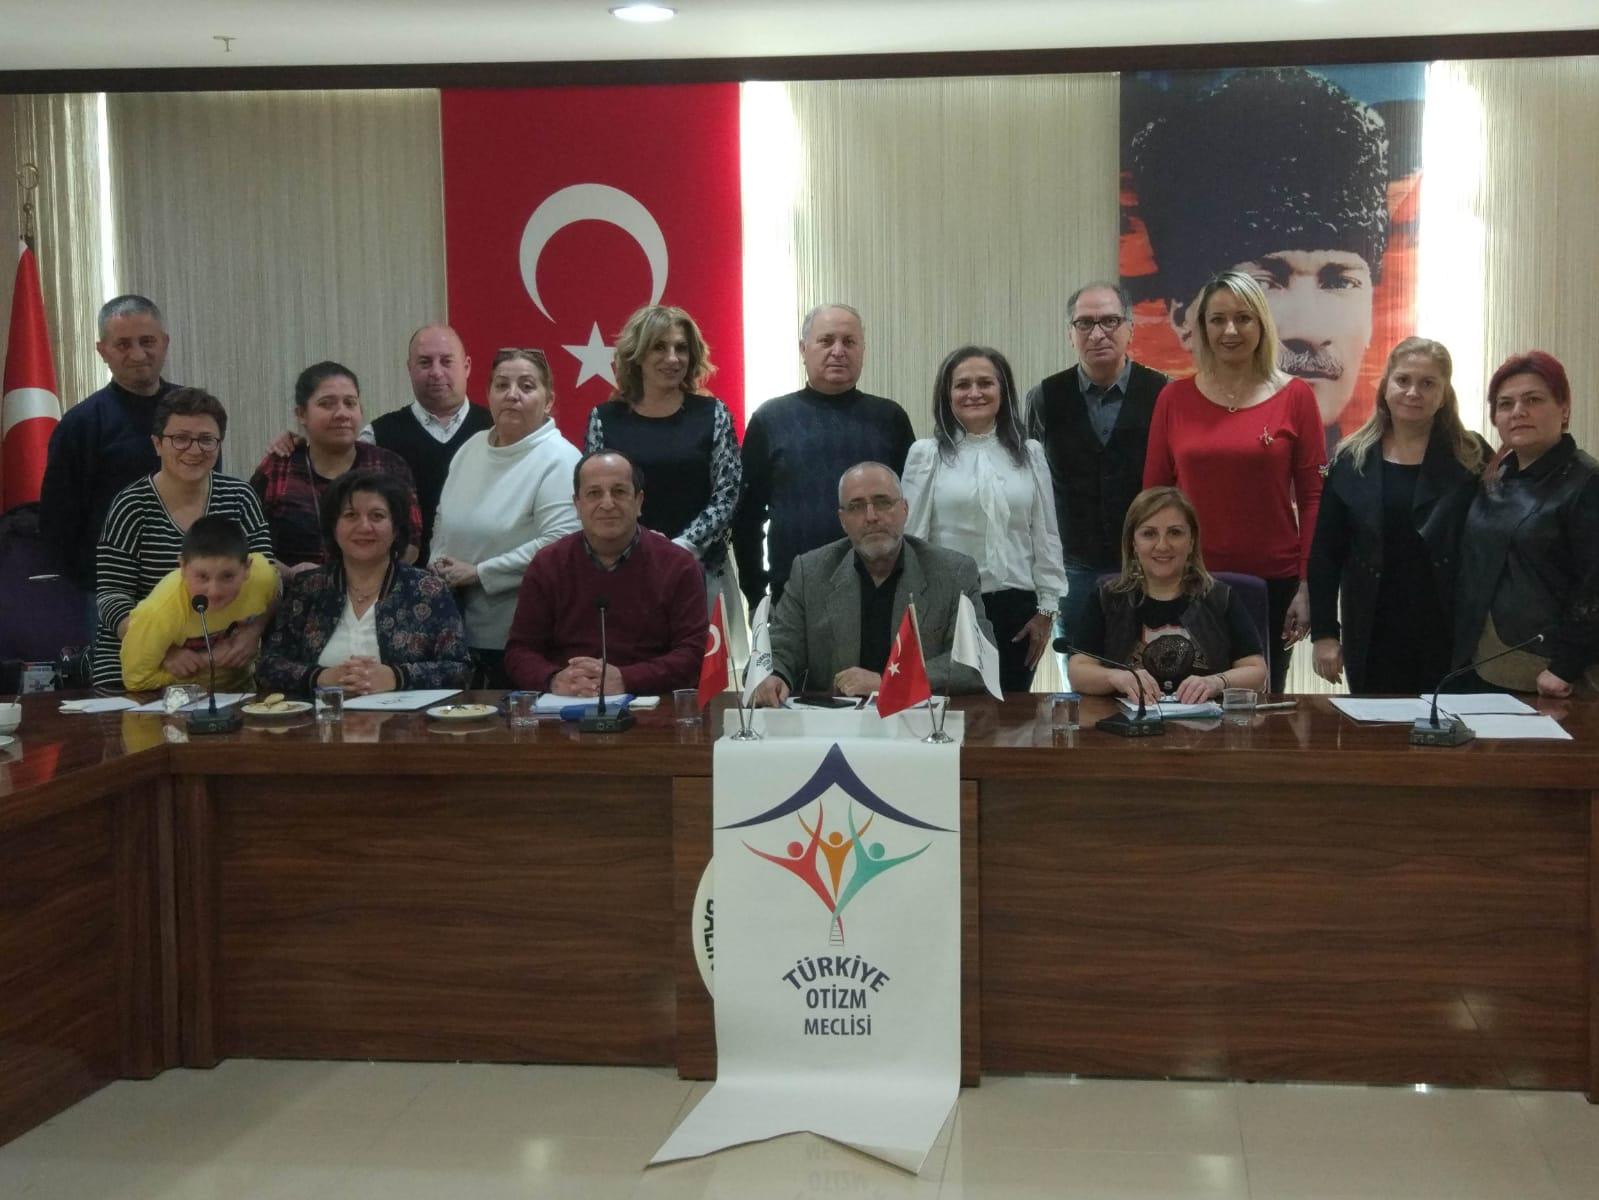 Türkiye Otizm Meclisi 3. Dönem 10. Yürütme Kurulu Toplantısı